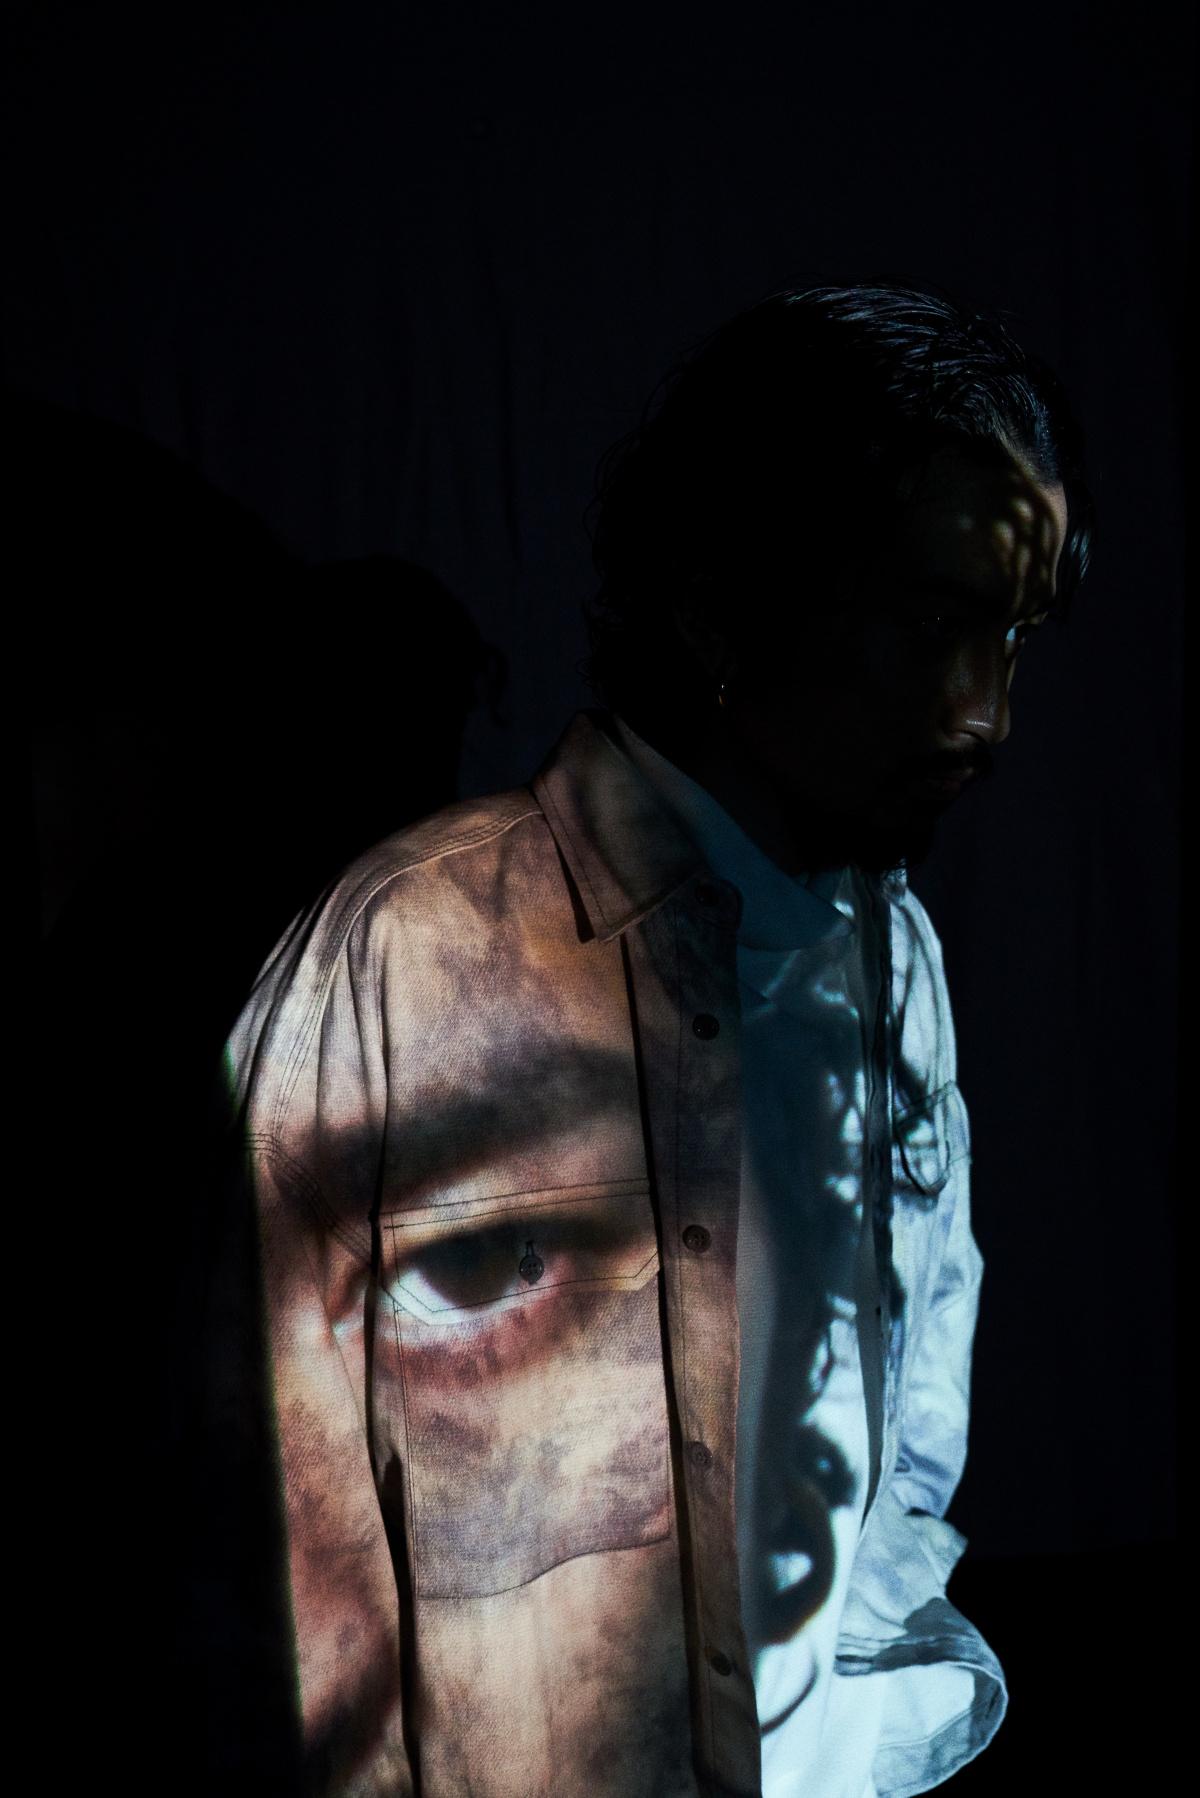 音楽家・常田大希がPenの撮影をディレクション。本誌未掲載の独創的な写真を見逃すな。